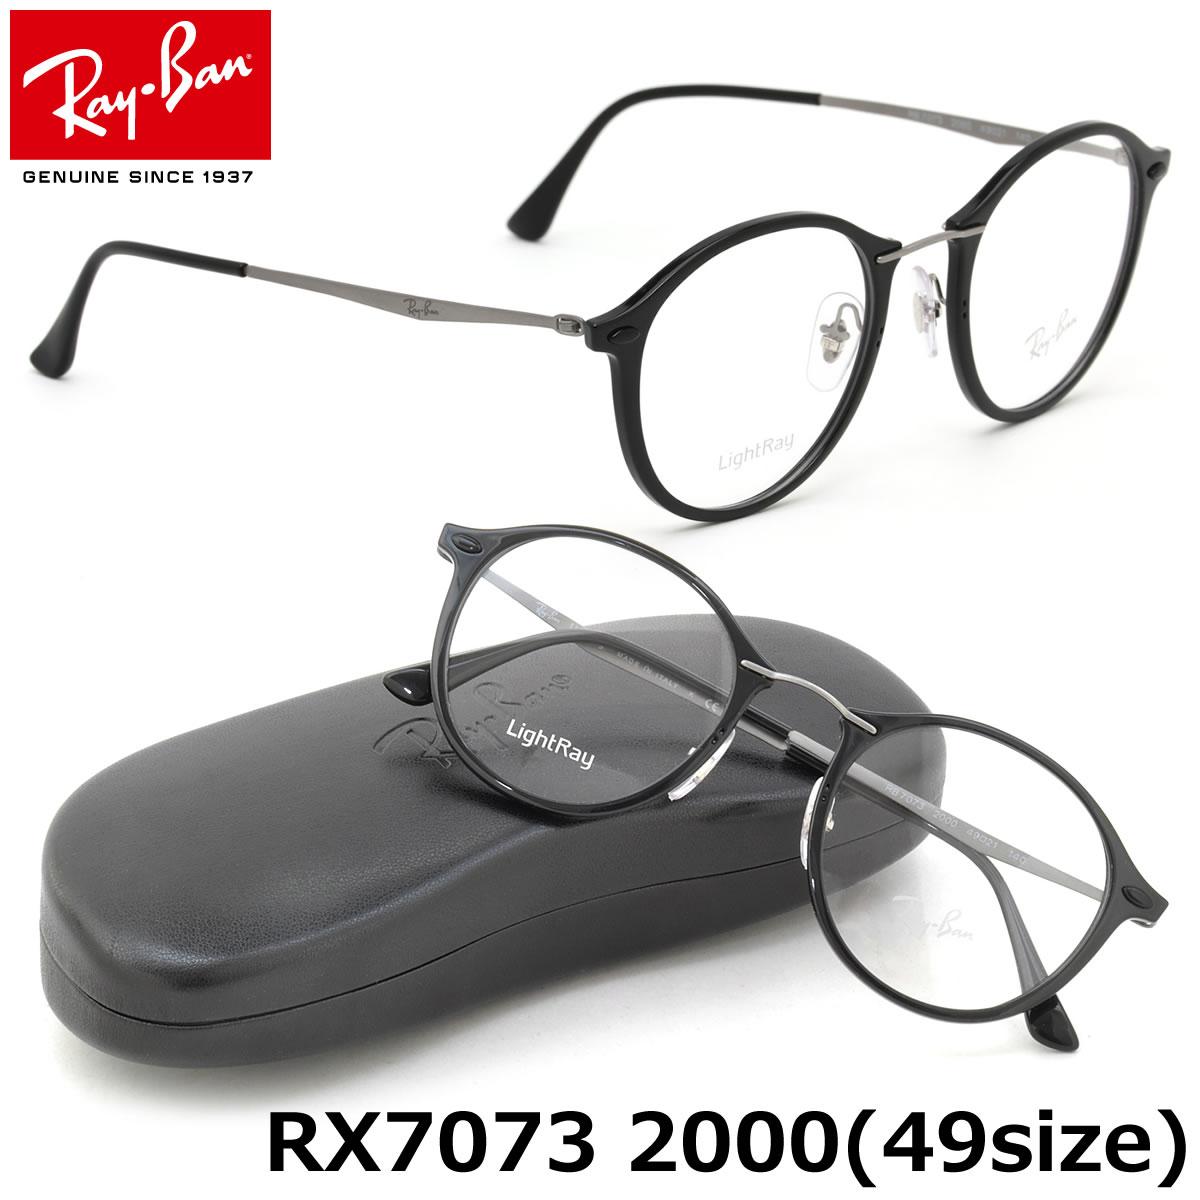 レイバン テック ライトレイ メガネ フレーム Ray-Ban RX7073 2000 49サイズ ラウンド 丸メガネ フレーム ROUND レイバン RAYBAN TECH ROUND LIGHT RAY メンズ レディース